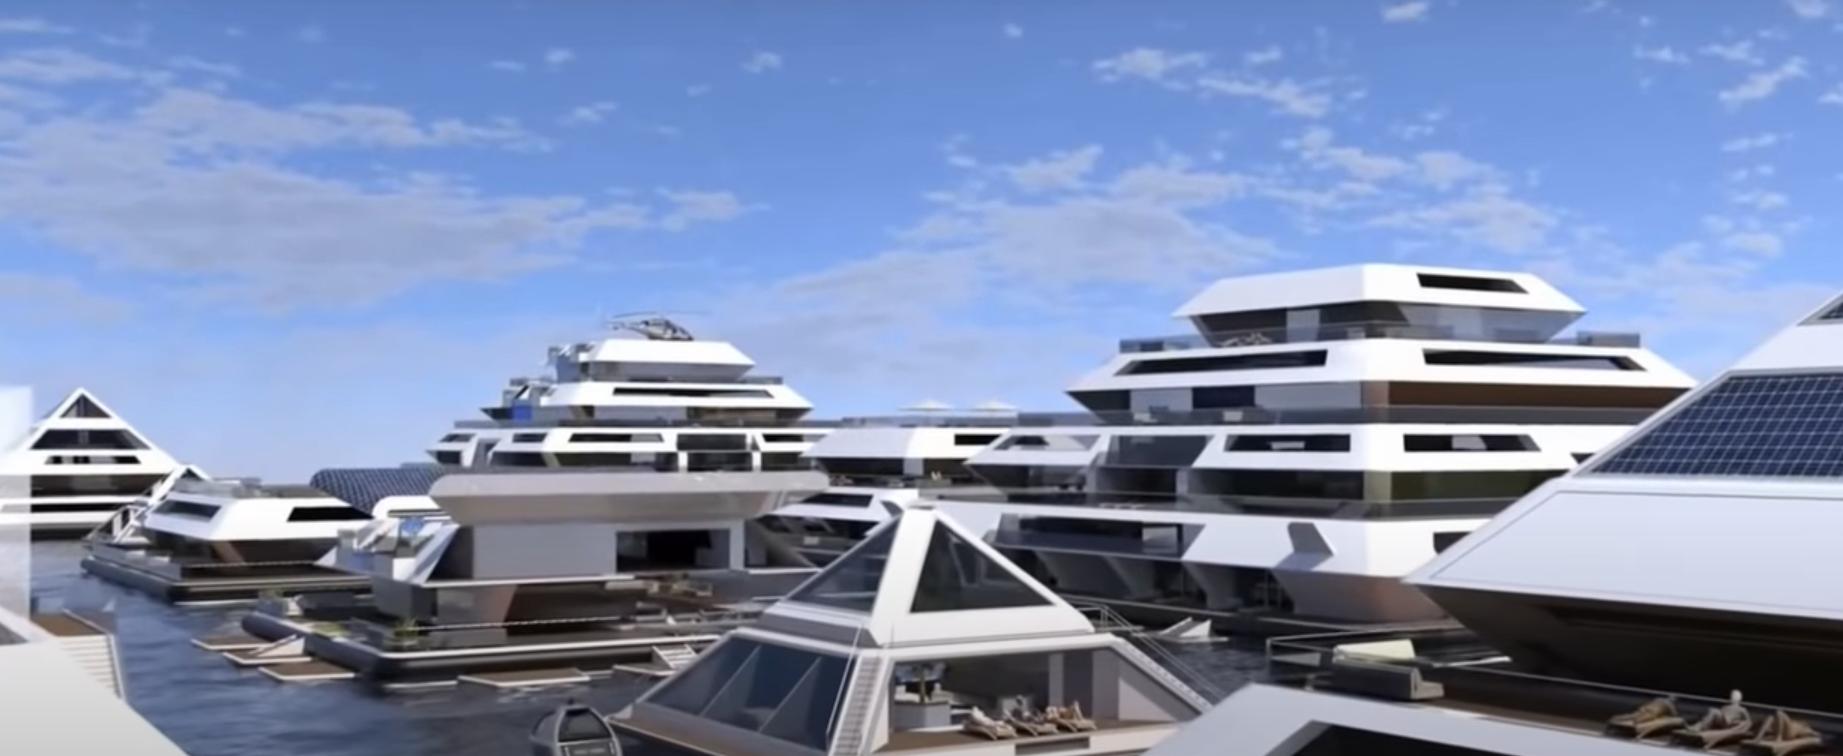 ¿Podremos vivir en una casa flotante enun futuro cercano? 5